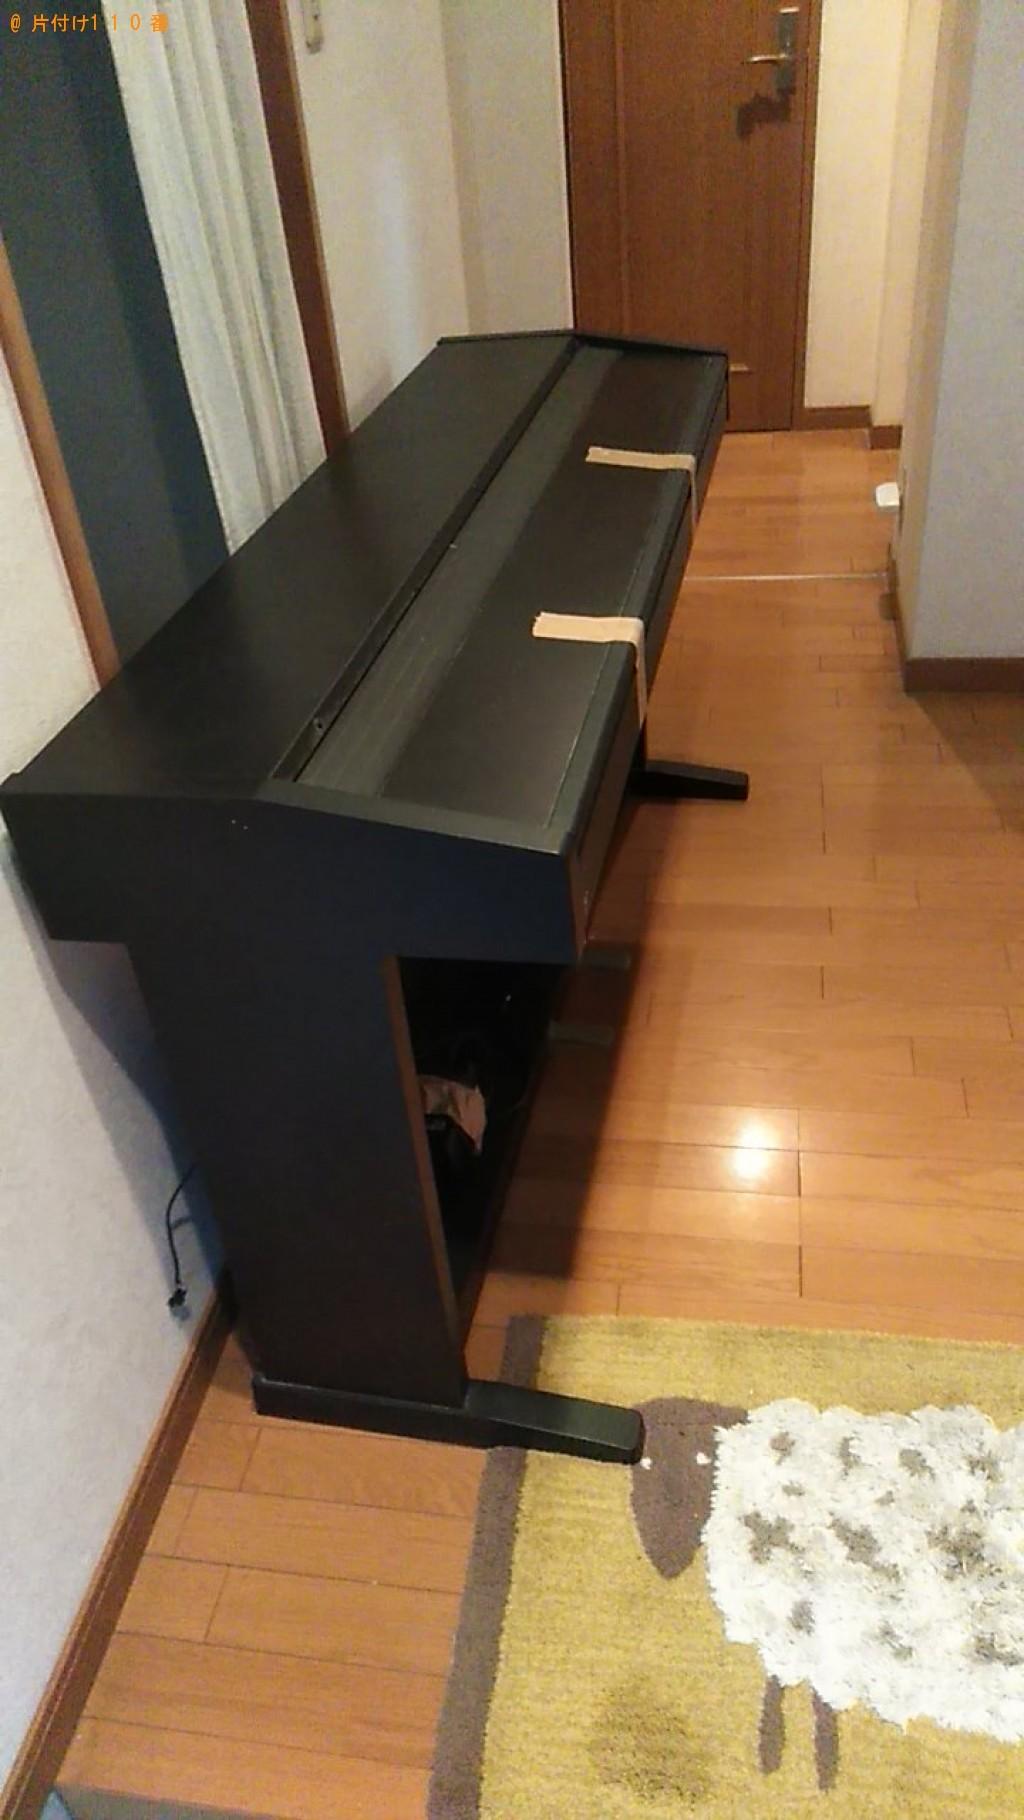 【西条市】電子ピアノの回収・処分ご依頼 お客様の声